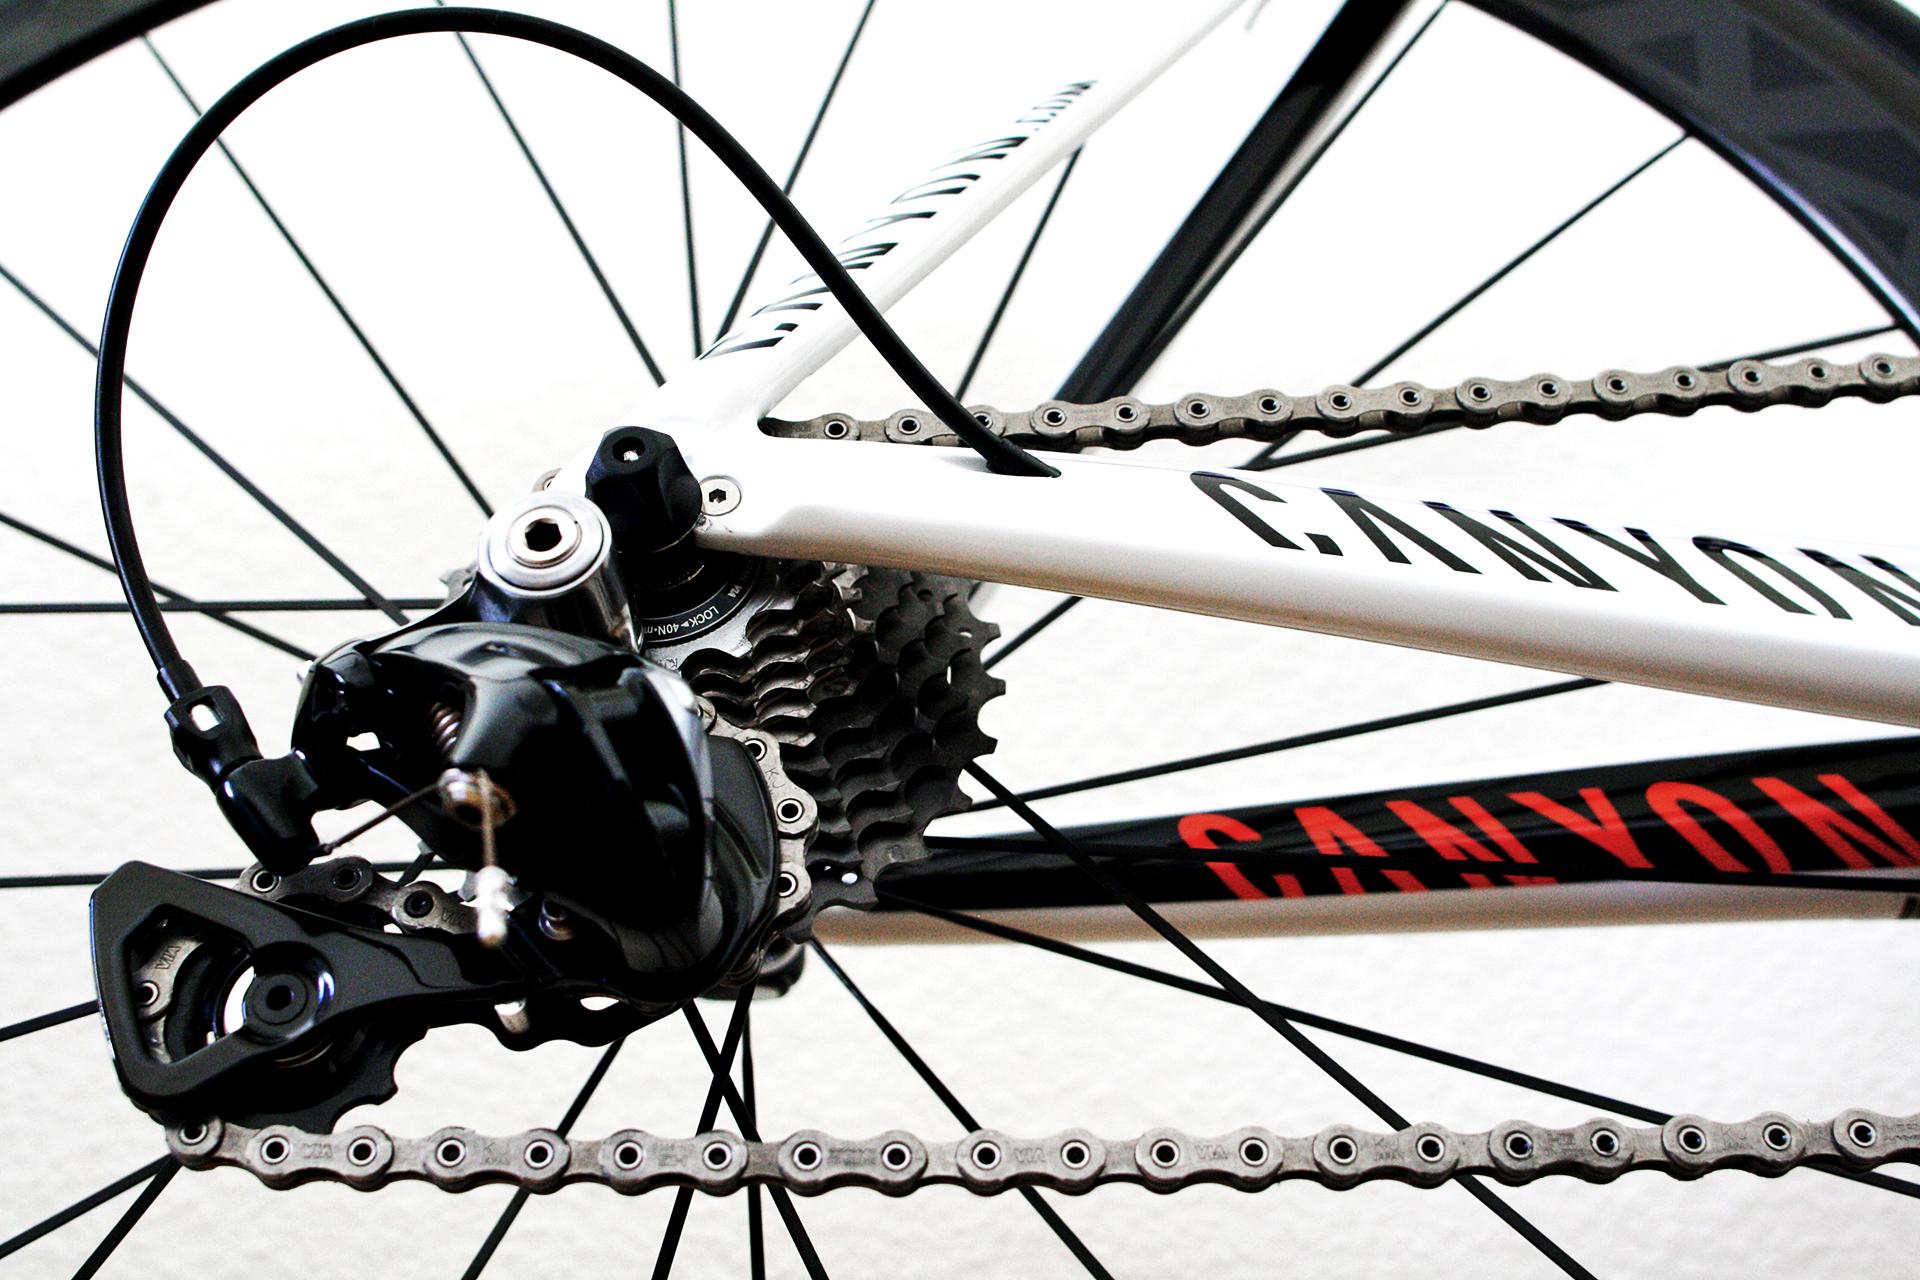 Spätestens mit dem ersten Schnee heisst es ordentlich das Rennrad reinigen bevor es dann für einige Wochen verschwindet und da sind manche Video Tipps vom Profi sehr hilfreich. Vor allem Schaltung und Kette sind starkem schmutz ausgesetzt. In diesem Videobeitrag reinigt der Kenny Latomme, ein Mechaniker des Omega Pharma-QuickStep (OPQS) Teams eines der Pro-Bikes und zeigt wie es richtig und vor allem auch relativ zügig geht.